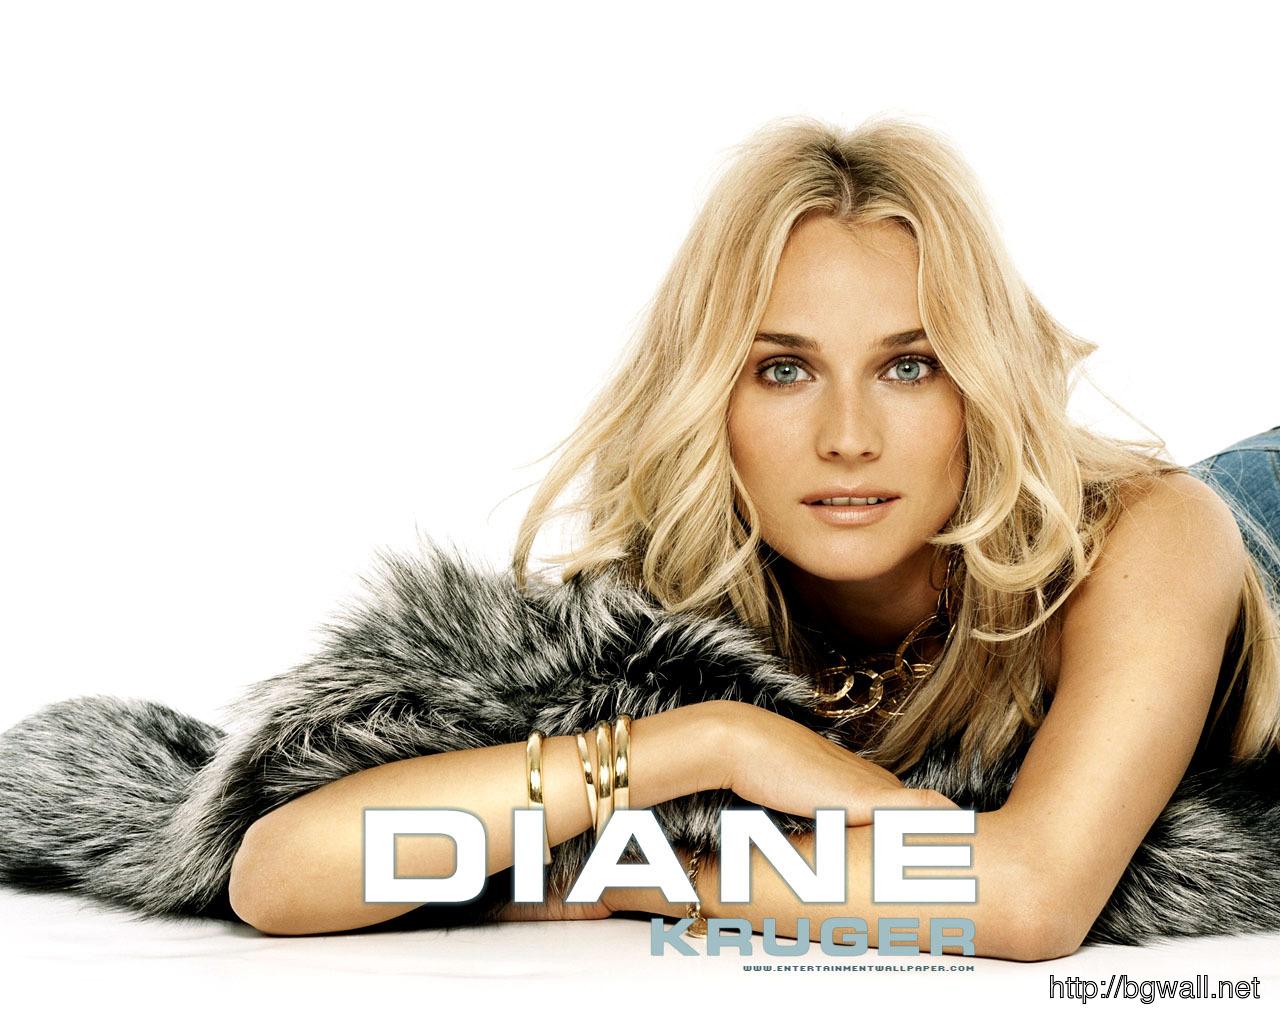 Diane Kruger Wallpapers Diane Kruger Wallpapers Diane Kruger Full Size